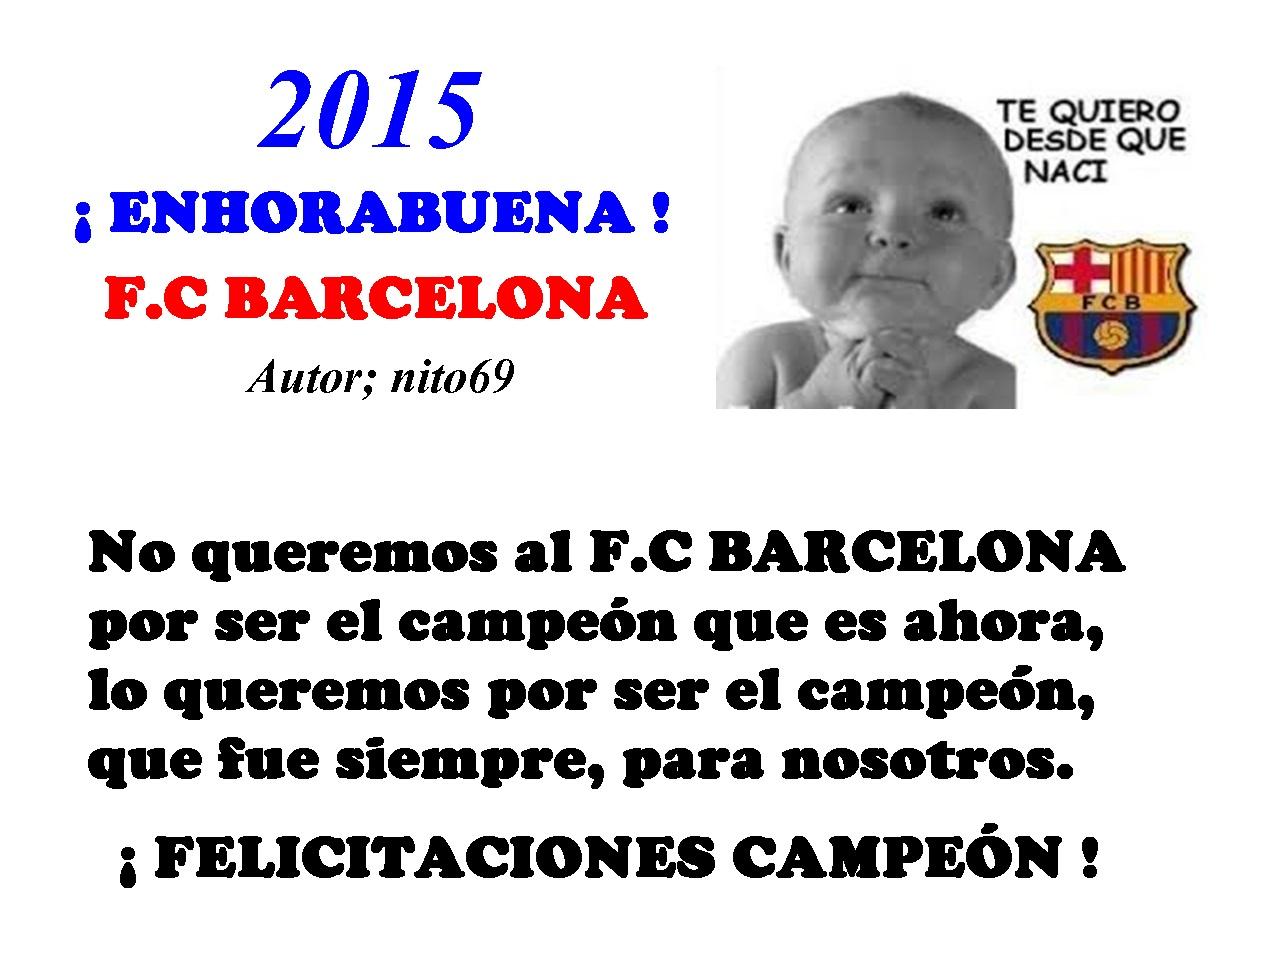 ¡ ENHORBUENA ! F.C BARCELONA